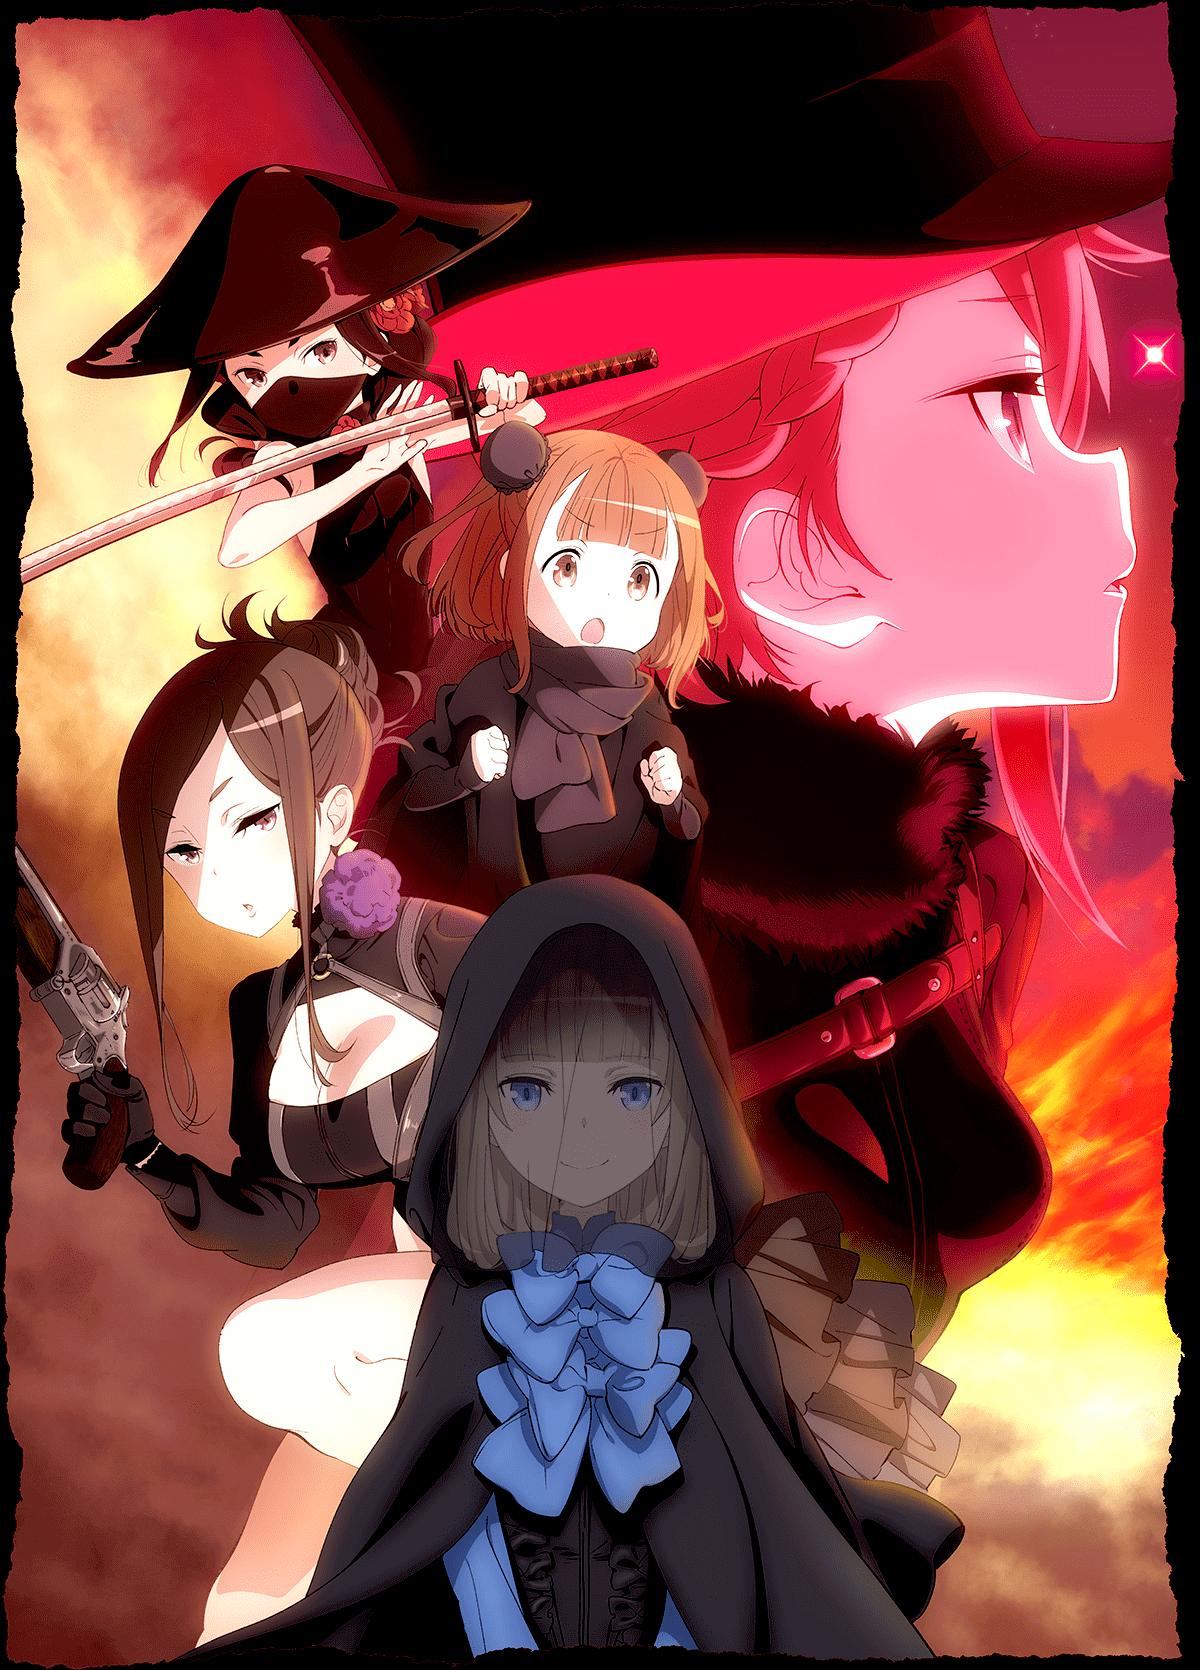 Pin de Noir em Anime and cartoon Anime, Desenhos